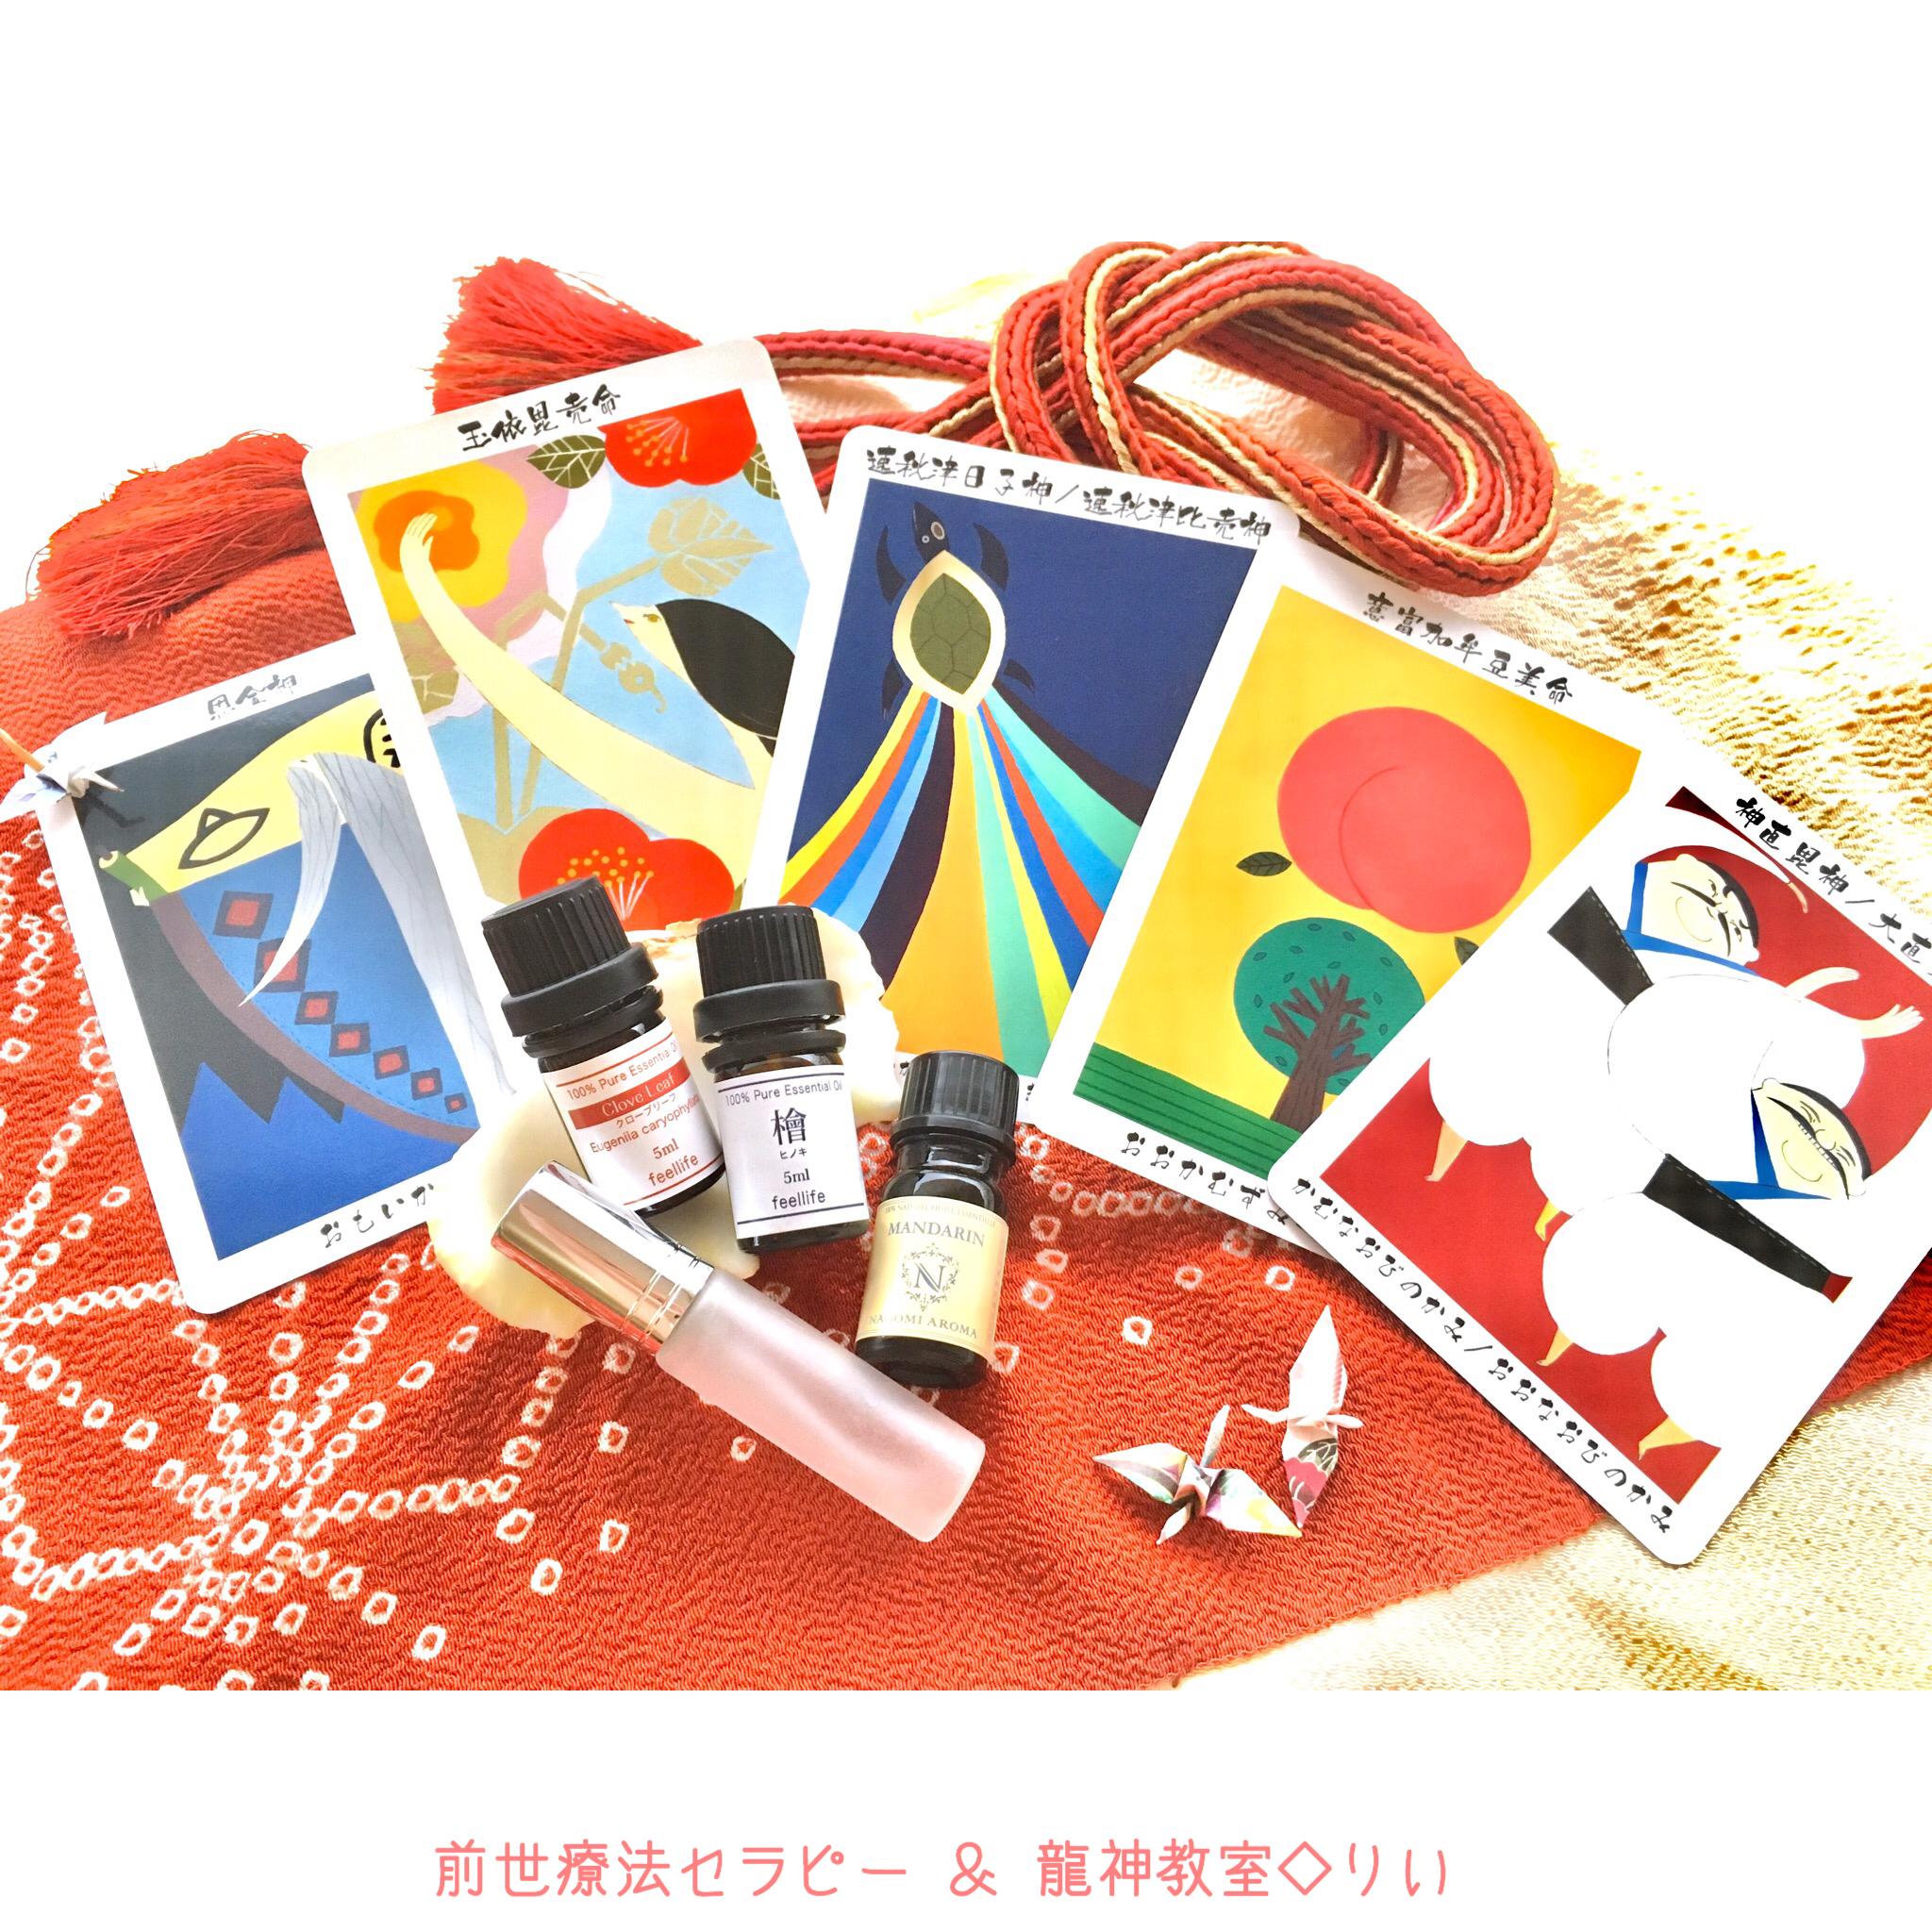 【ご神託つき】日本の神様アロマオイルスプレーセット10ml 【鑑定書付き】